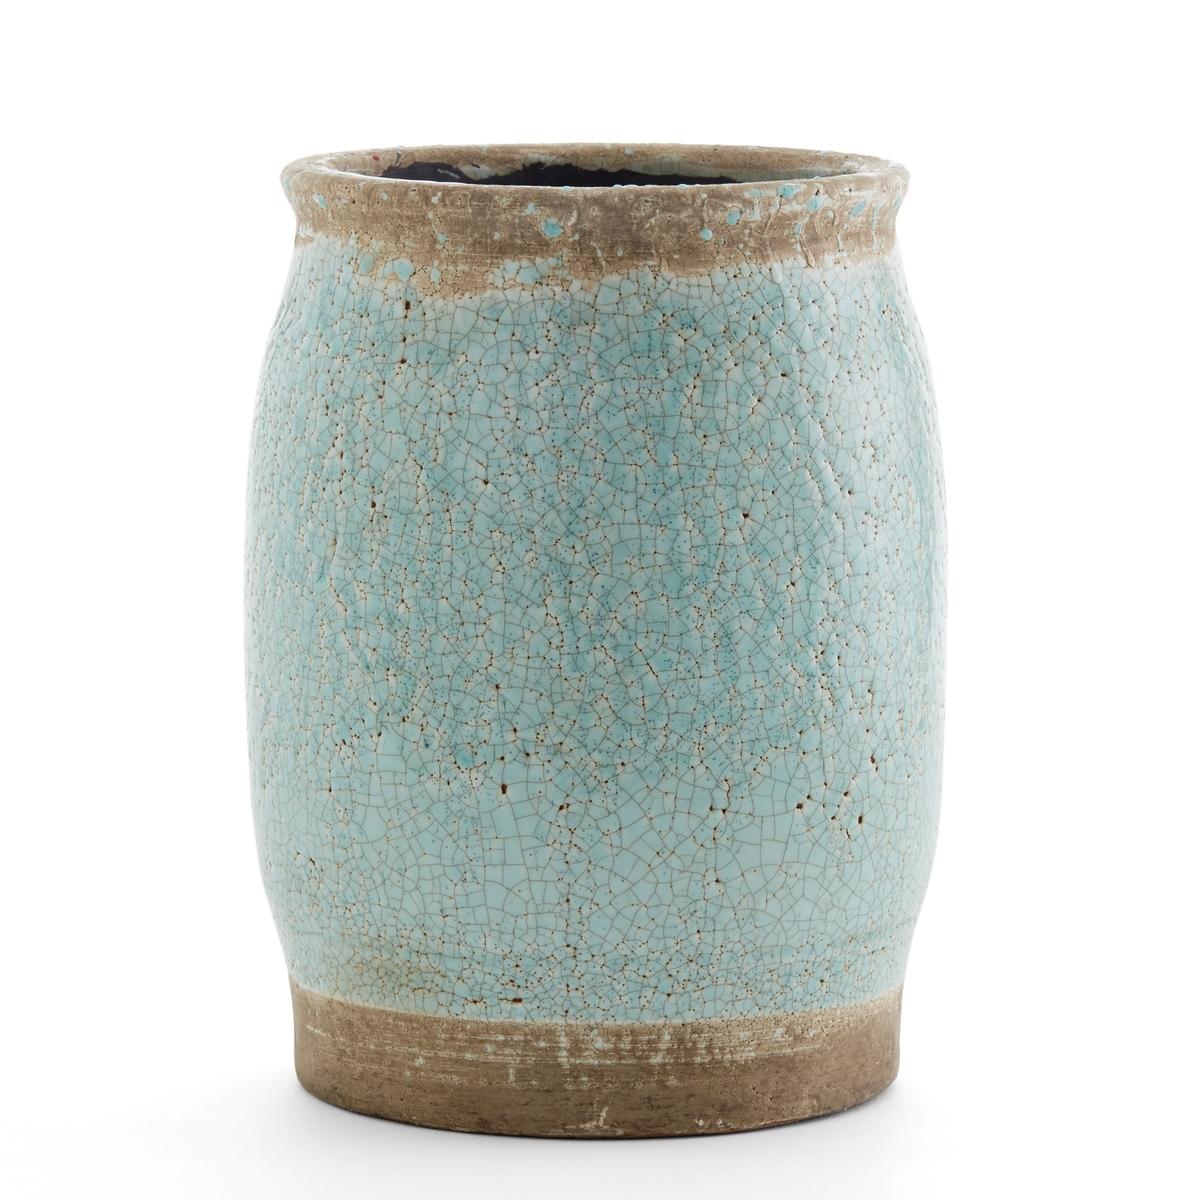 Кашпо La Redoute Из керамики В см Euphyllia единый размер синий кашпо la redoute в см ologe единый размер каштановый